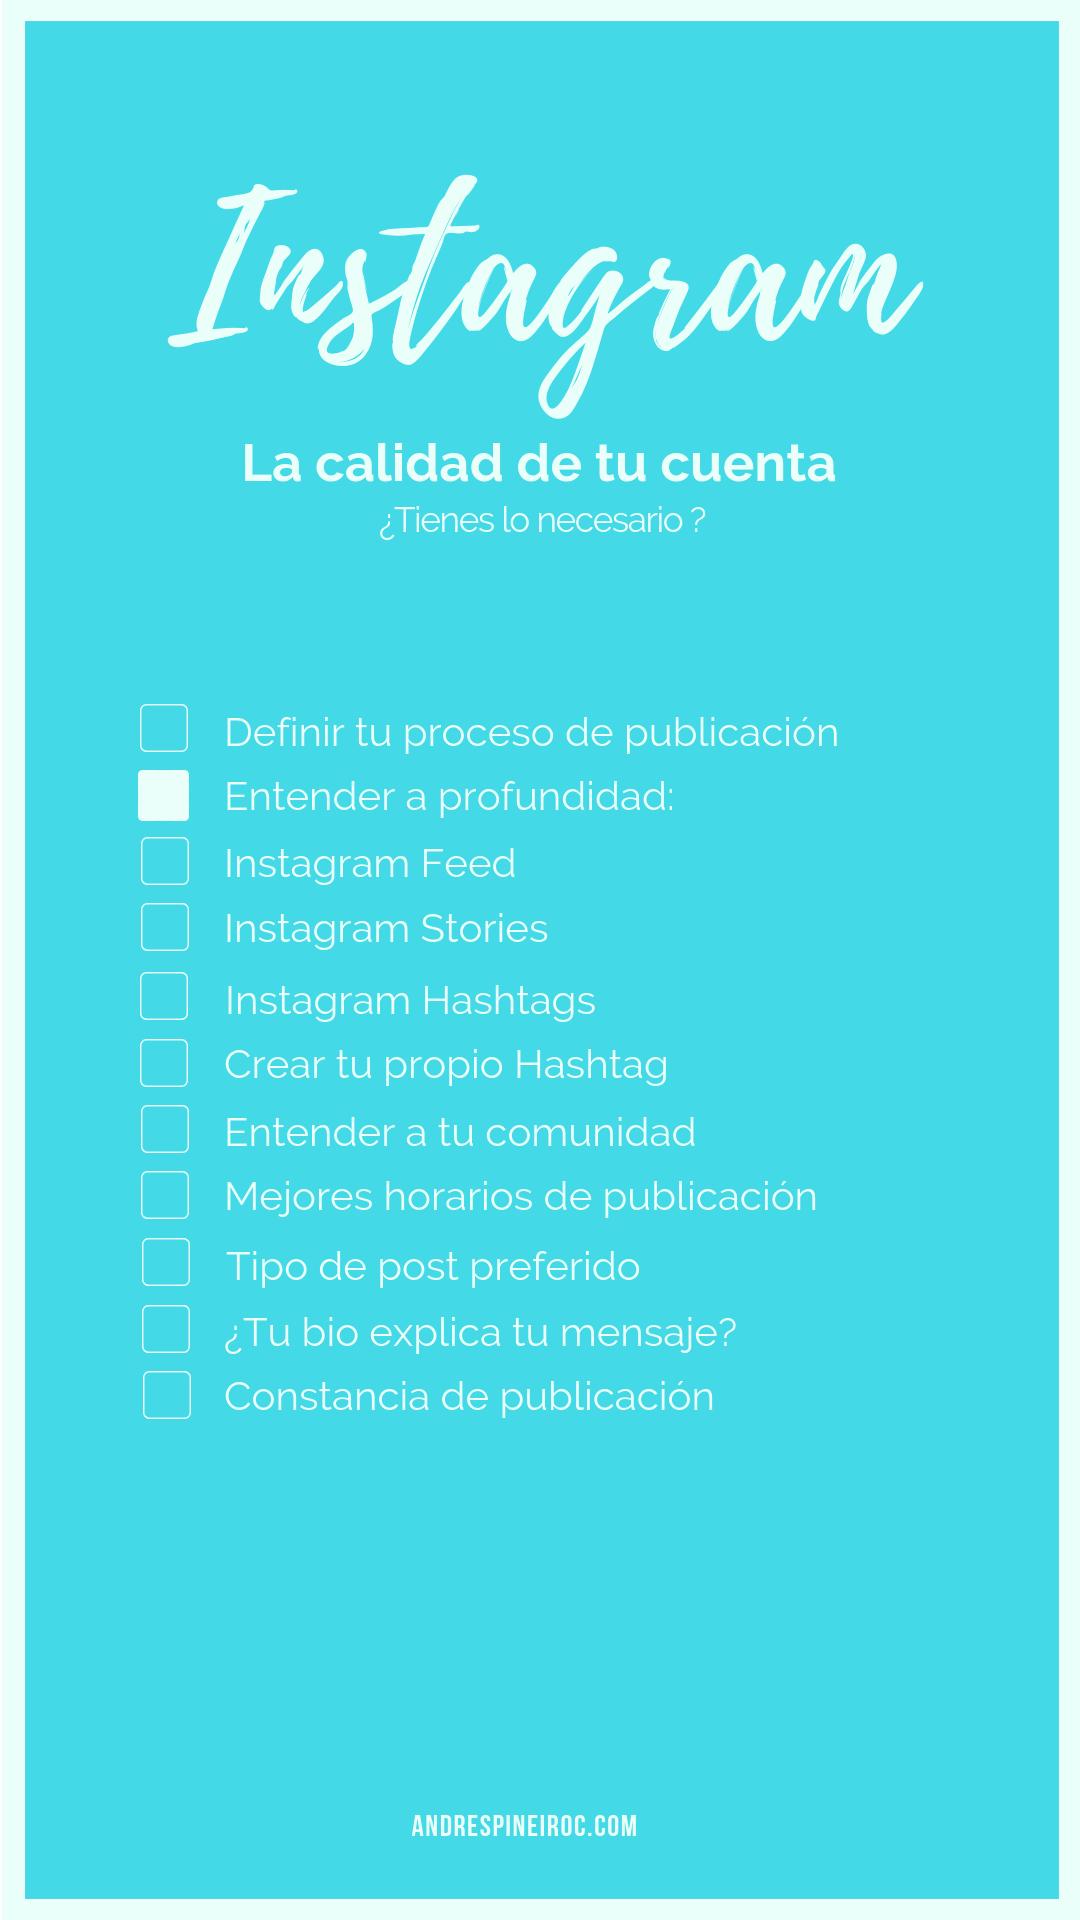 Descarga este  checklist aquí